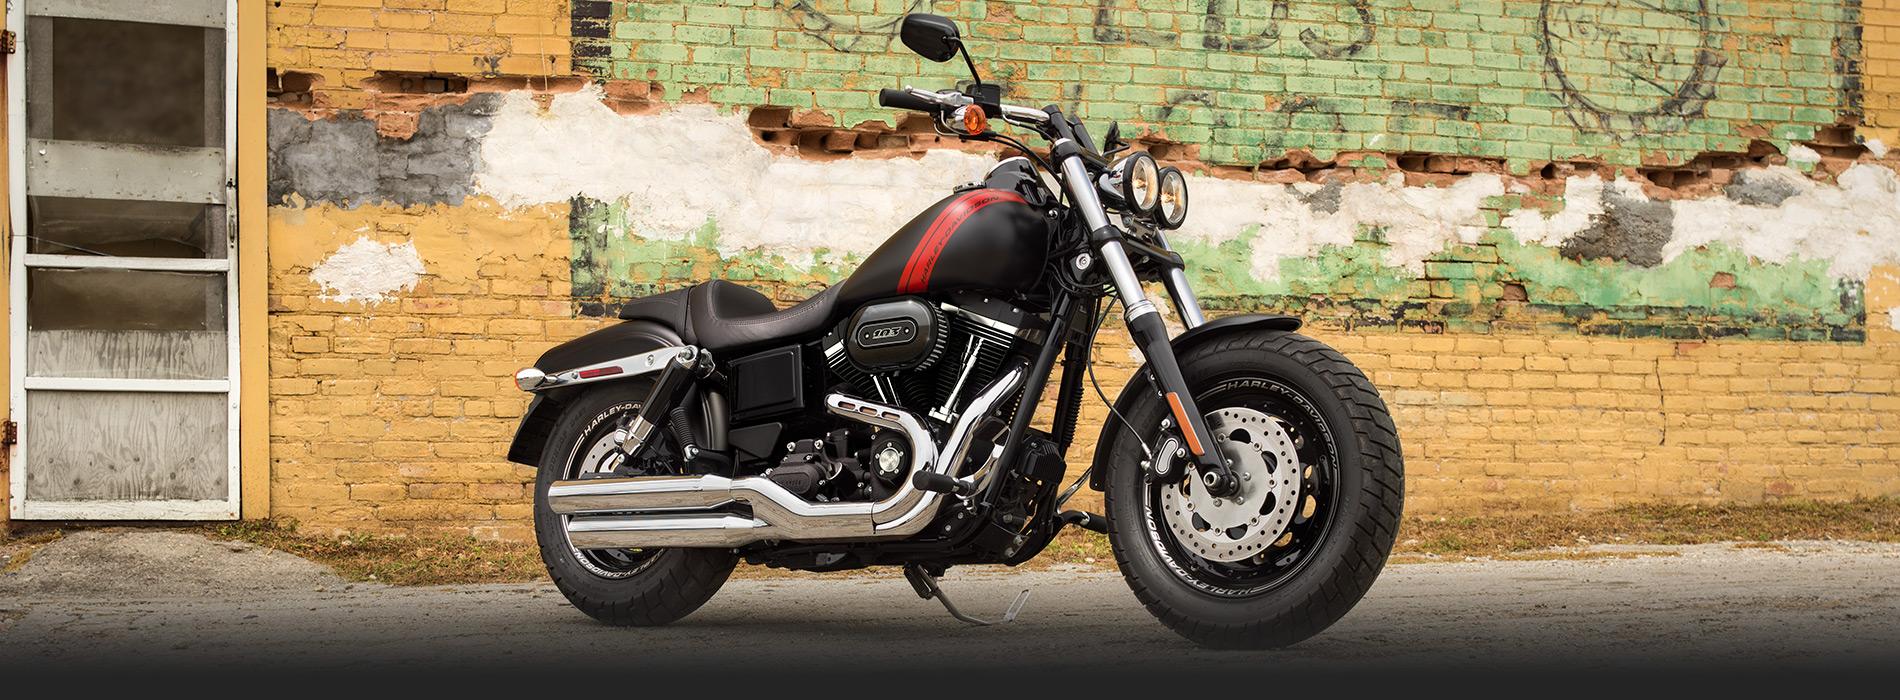 2003 Harley Davidson Road King Wiring Diagram Likewise Harley Davidson